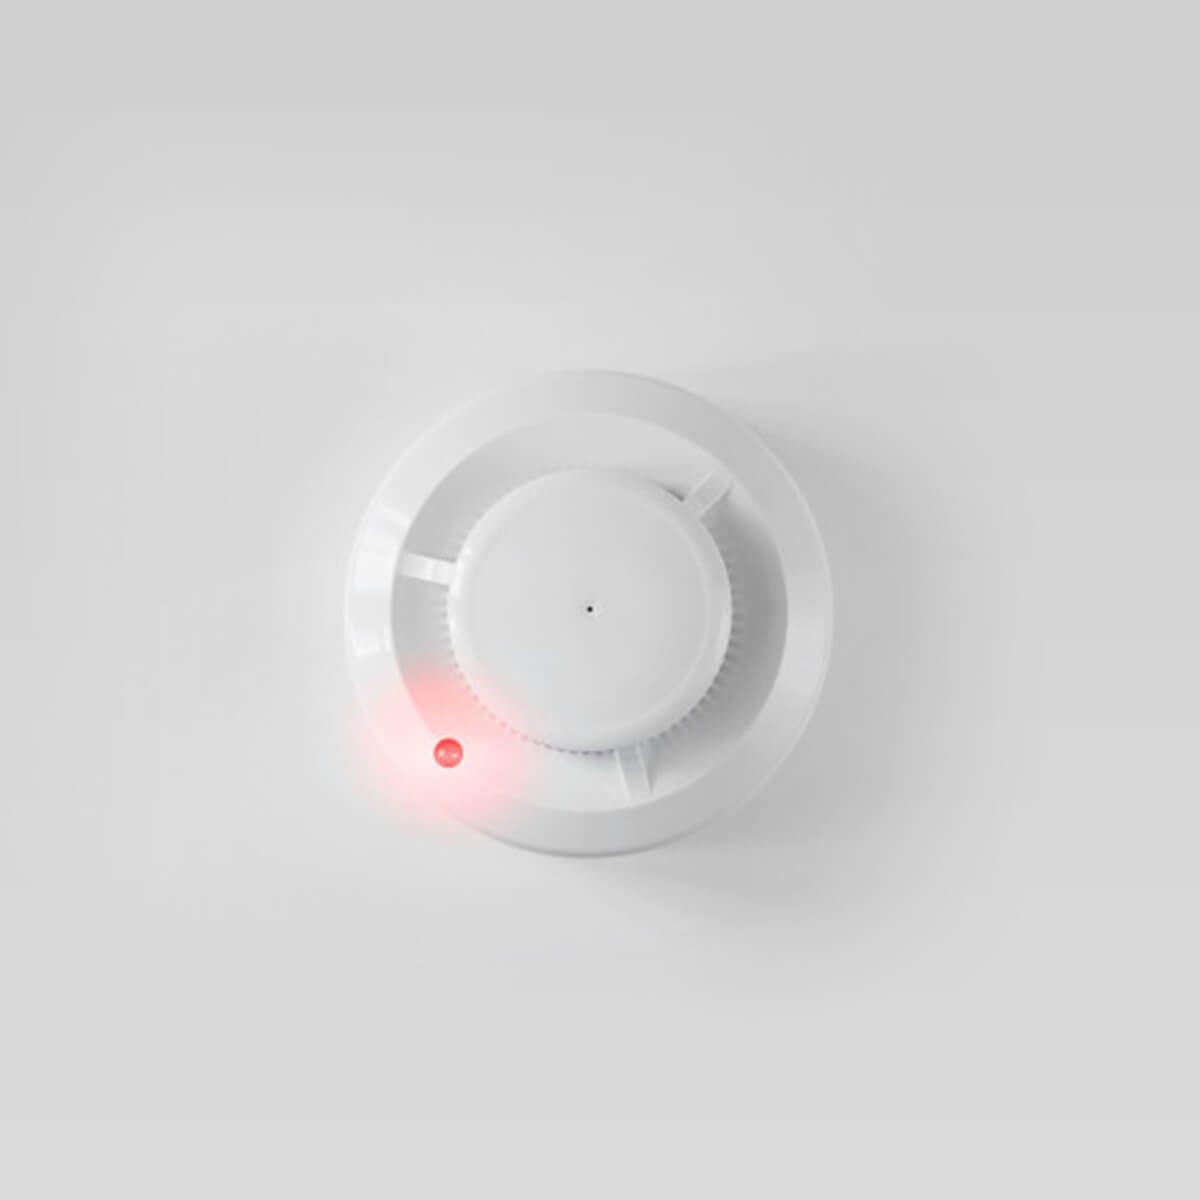 Füstérzékelő, az okos otthon eszközt úgy tervezték, hogy a fejlődő tűz korai szakaszát érzékelje, és jelezze.